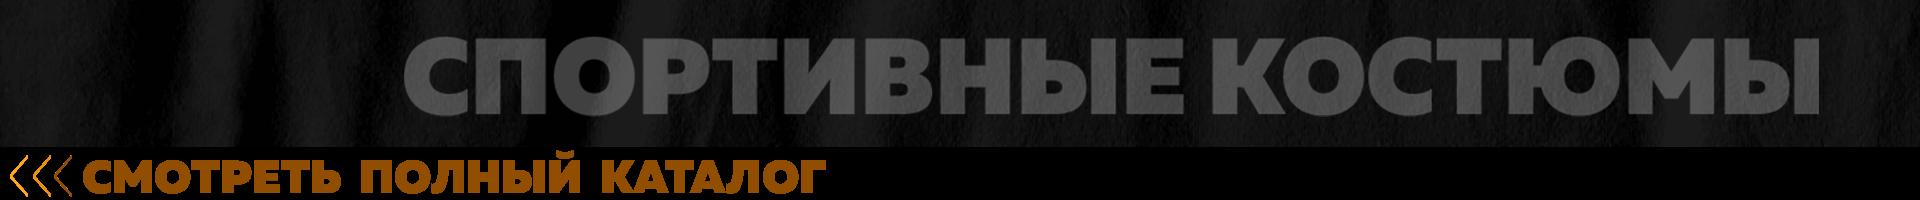 Перейти из подборки черных мужских спортивных костюмов от бренда Nike в полный каталог.